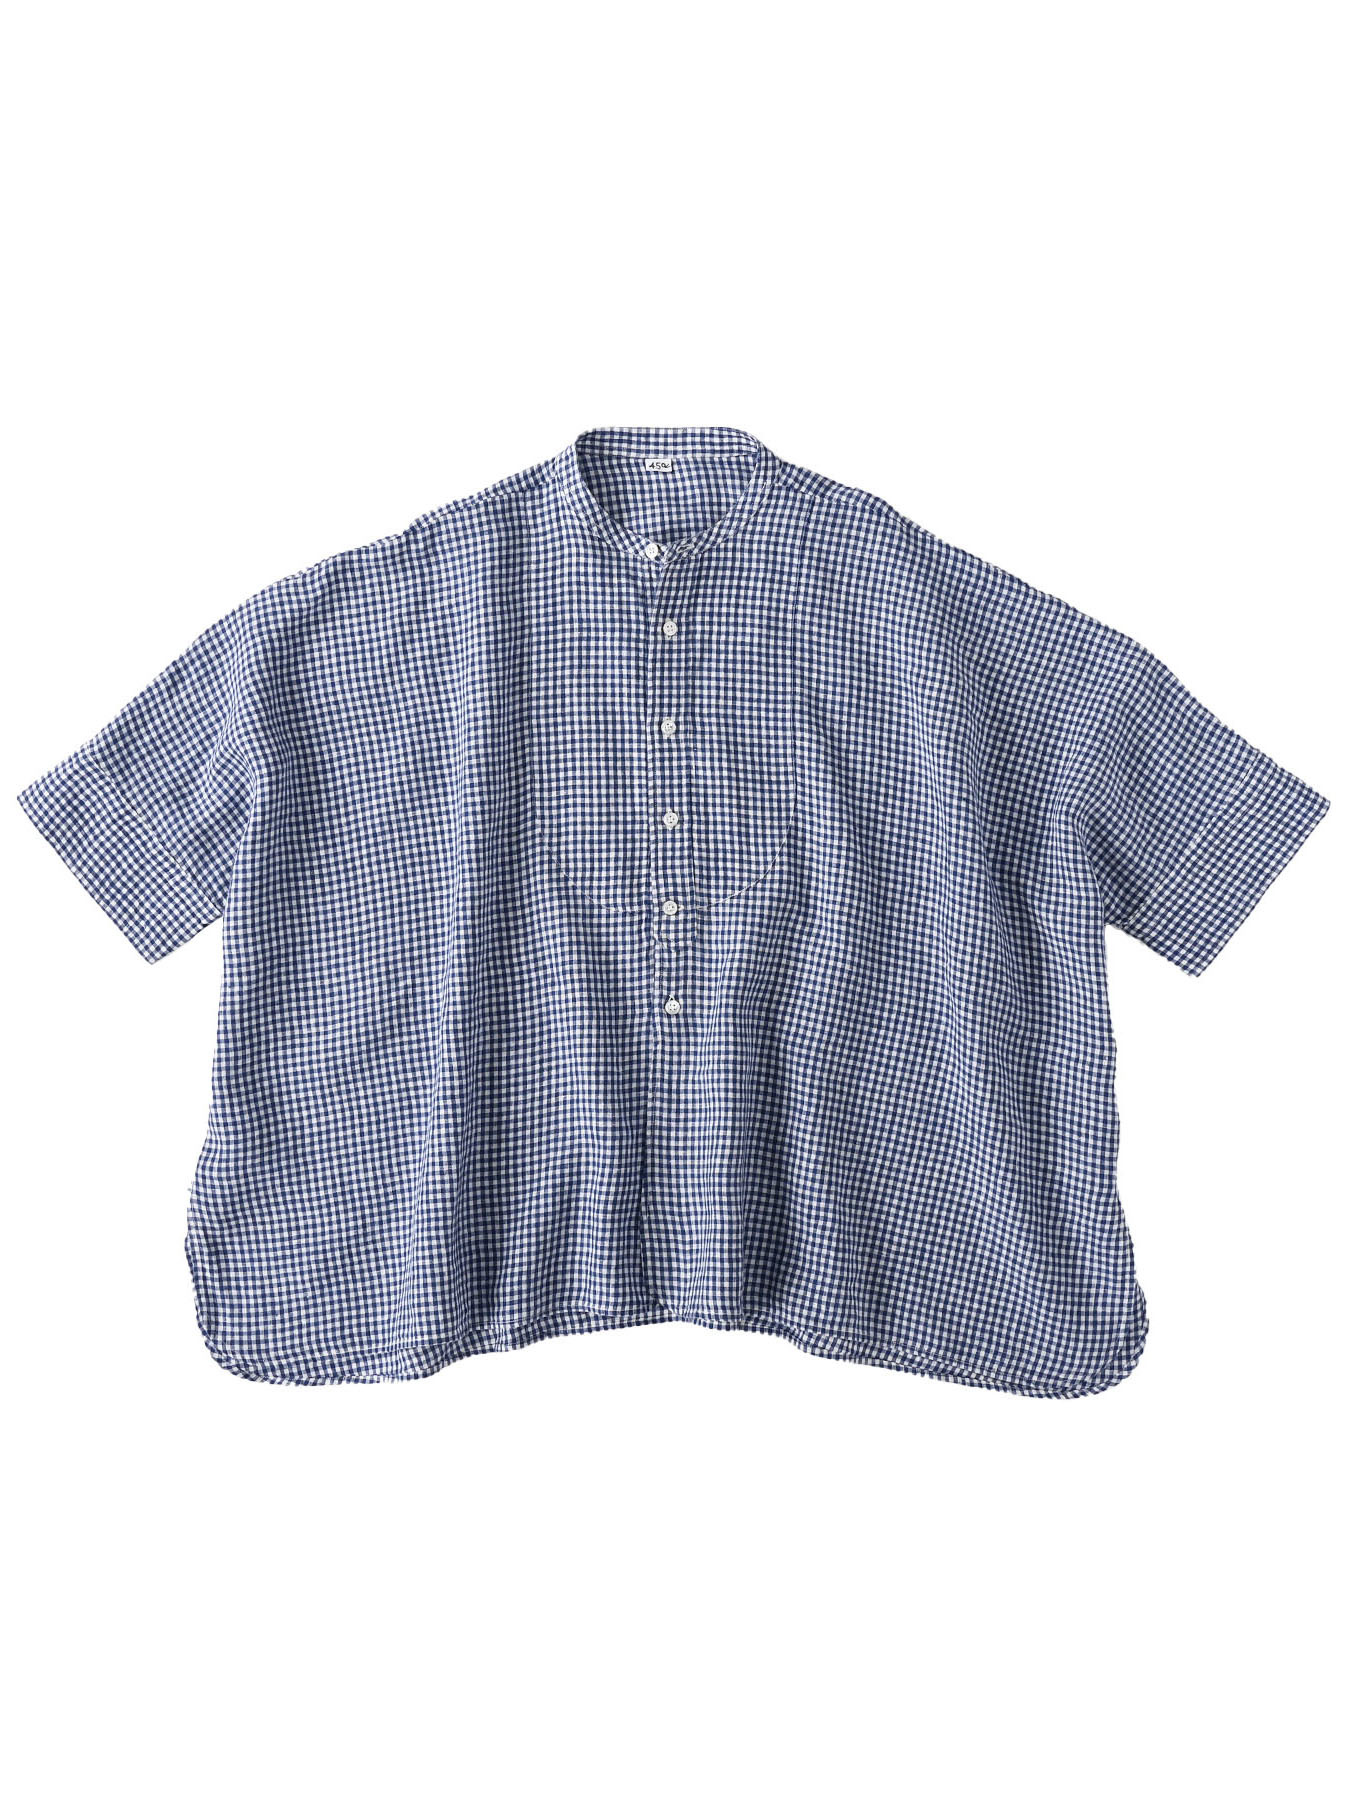 Indian Linen Flat Big Shirt (0521)-1